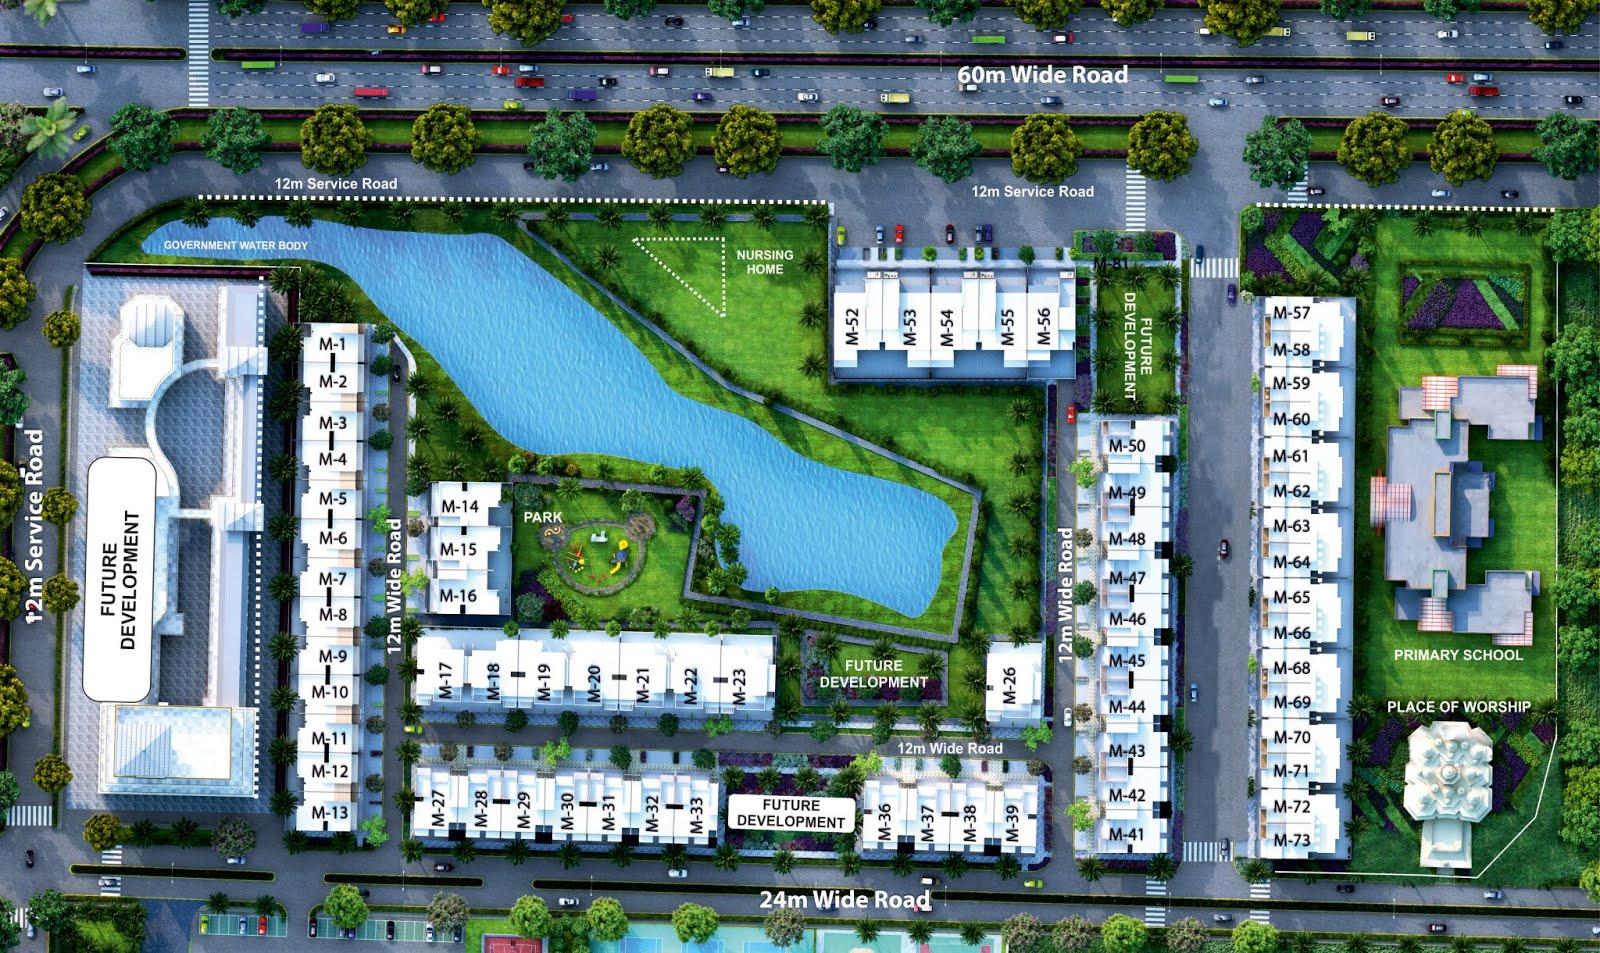 Adanisamsara-site-plan